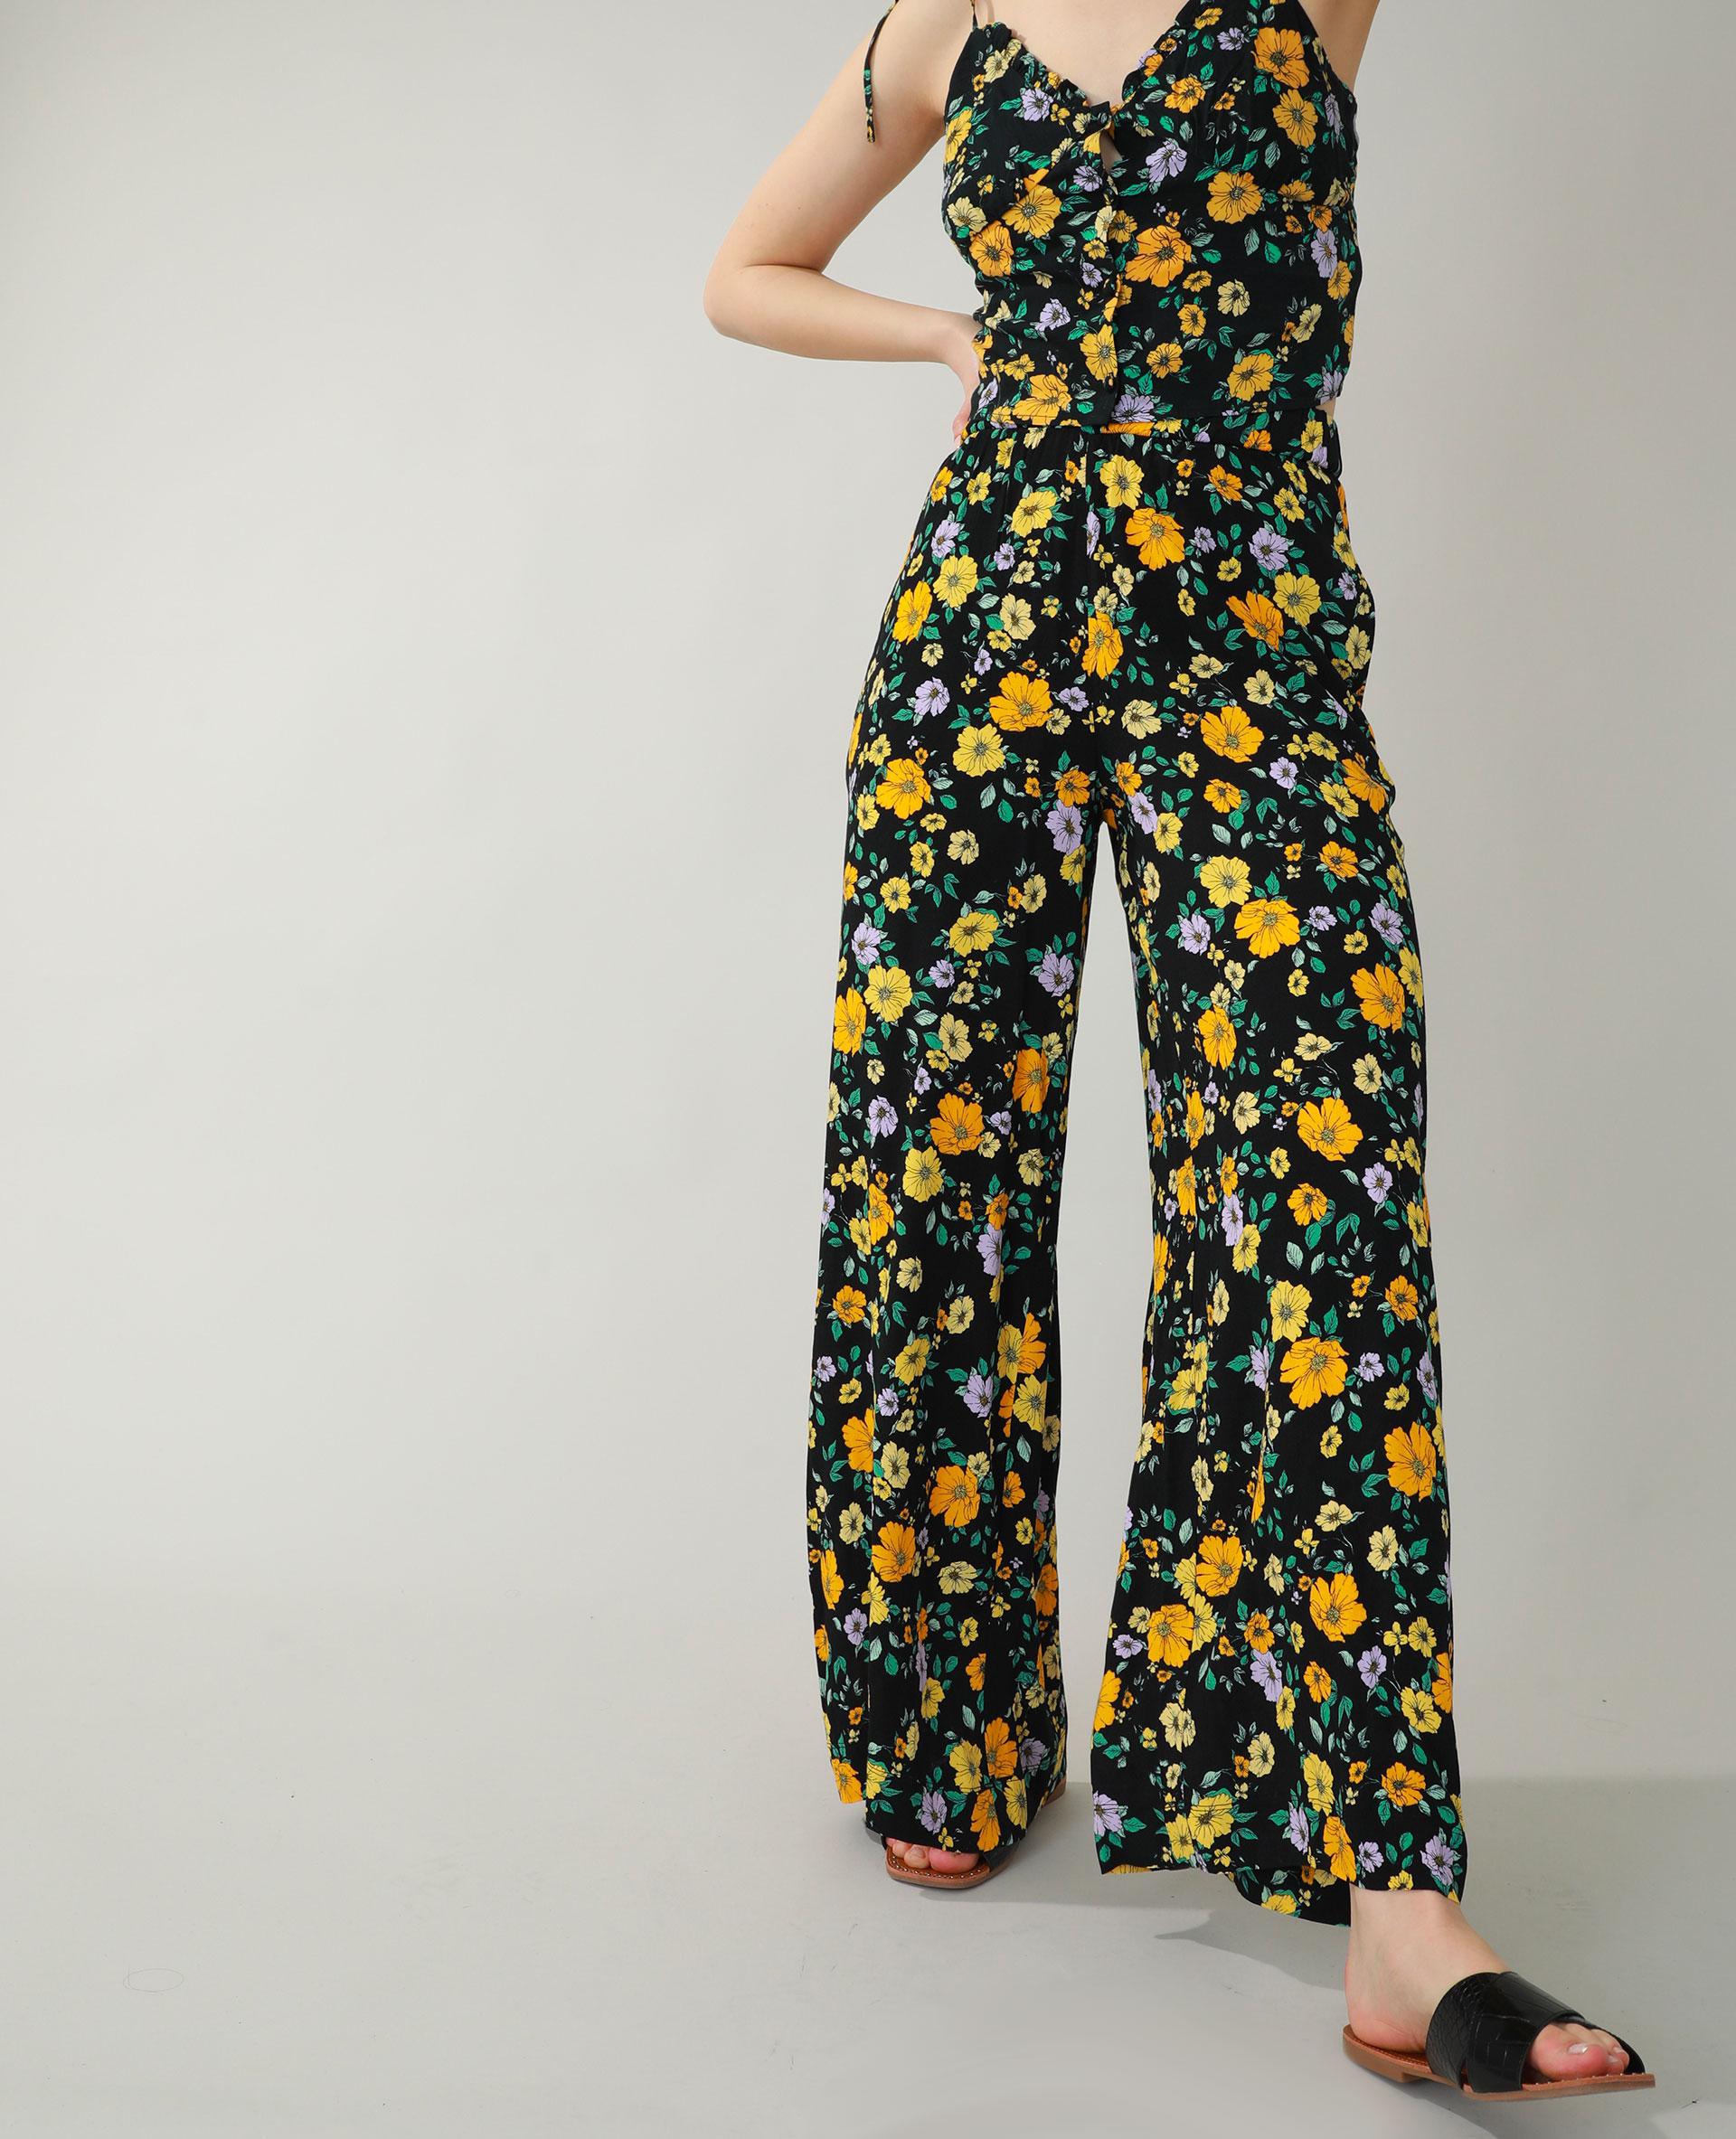 Pantalon wide leg fleuri noir - Pimkie